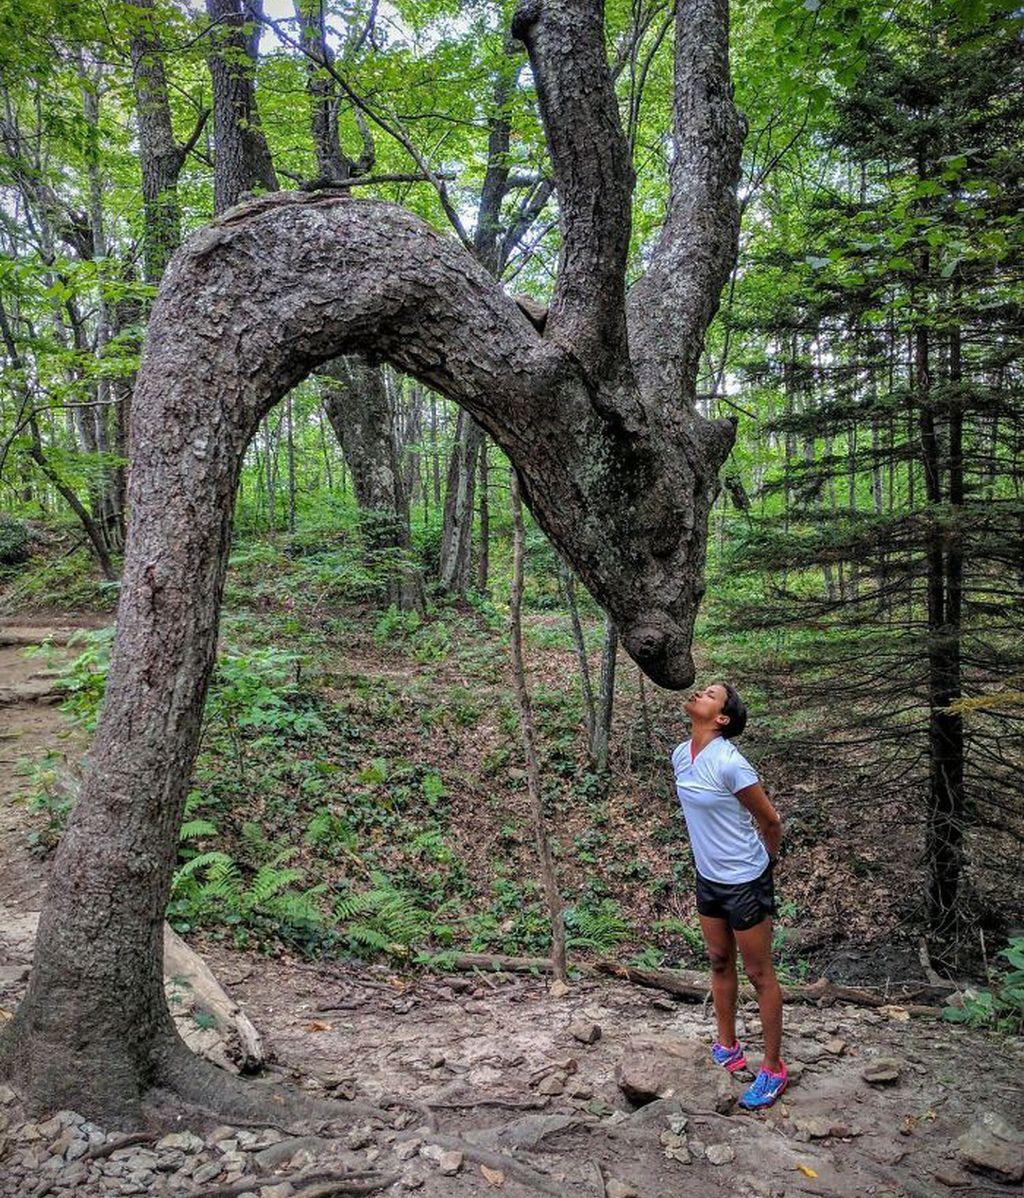 Increíbles ejemplos de pareidolia en árboles